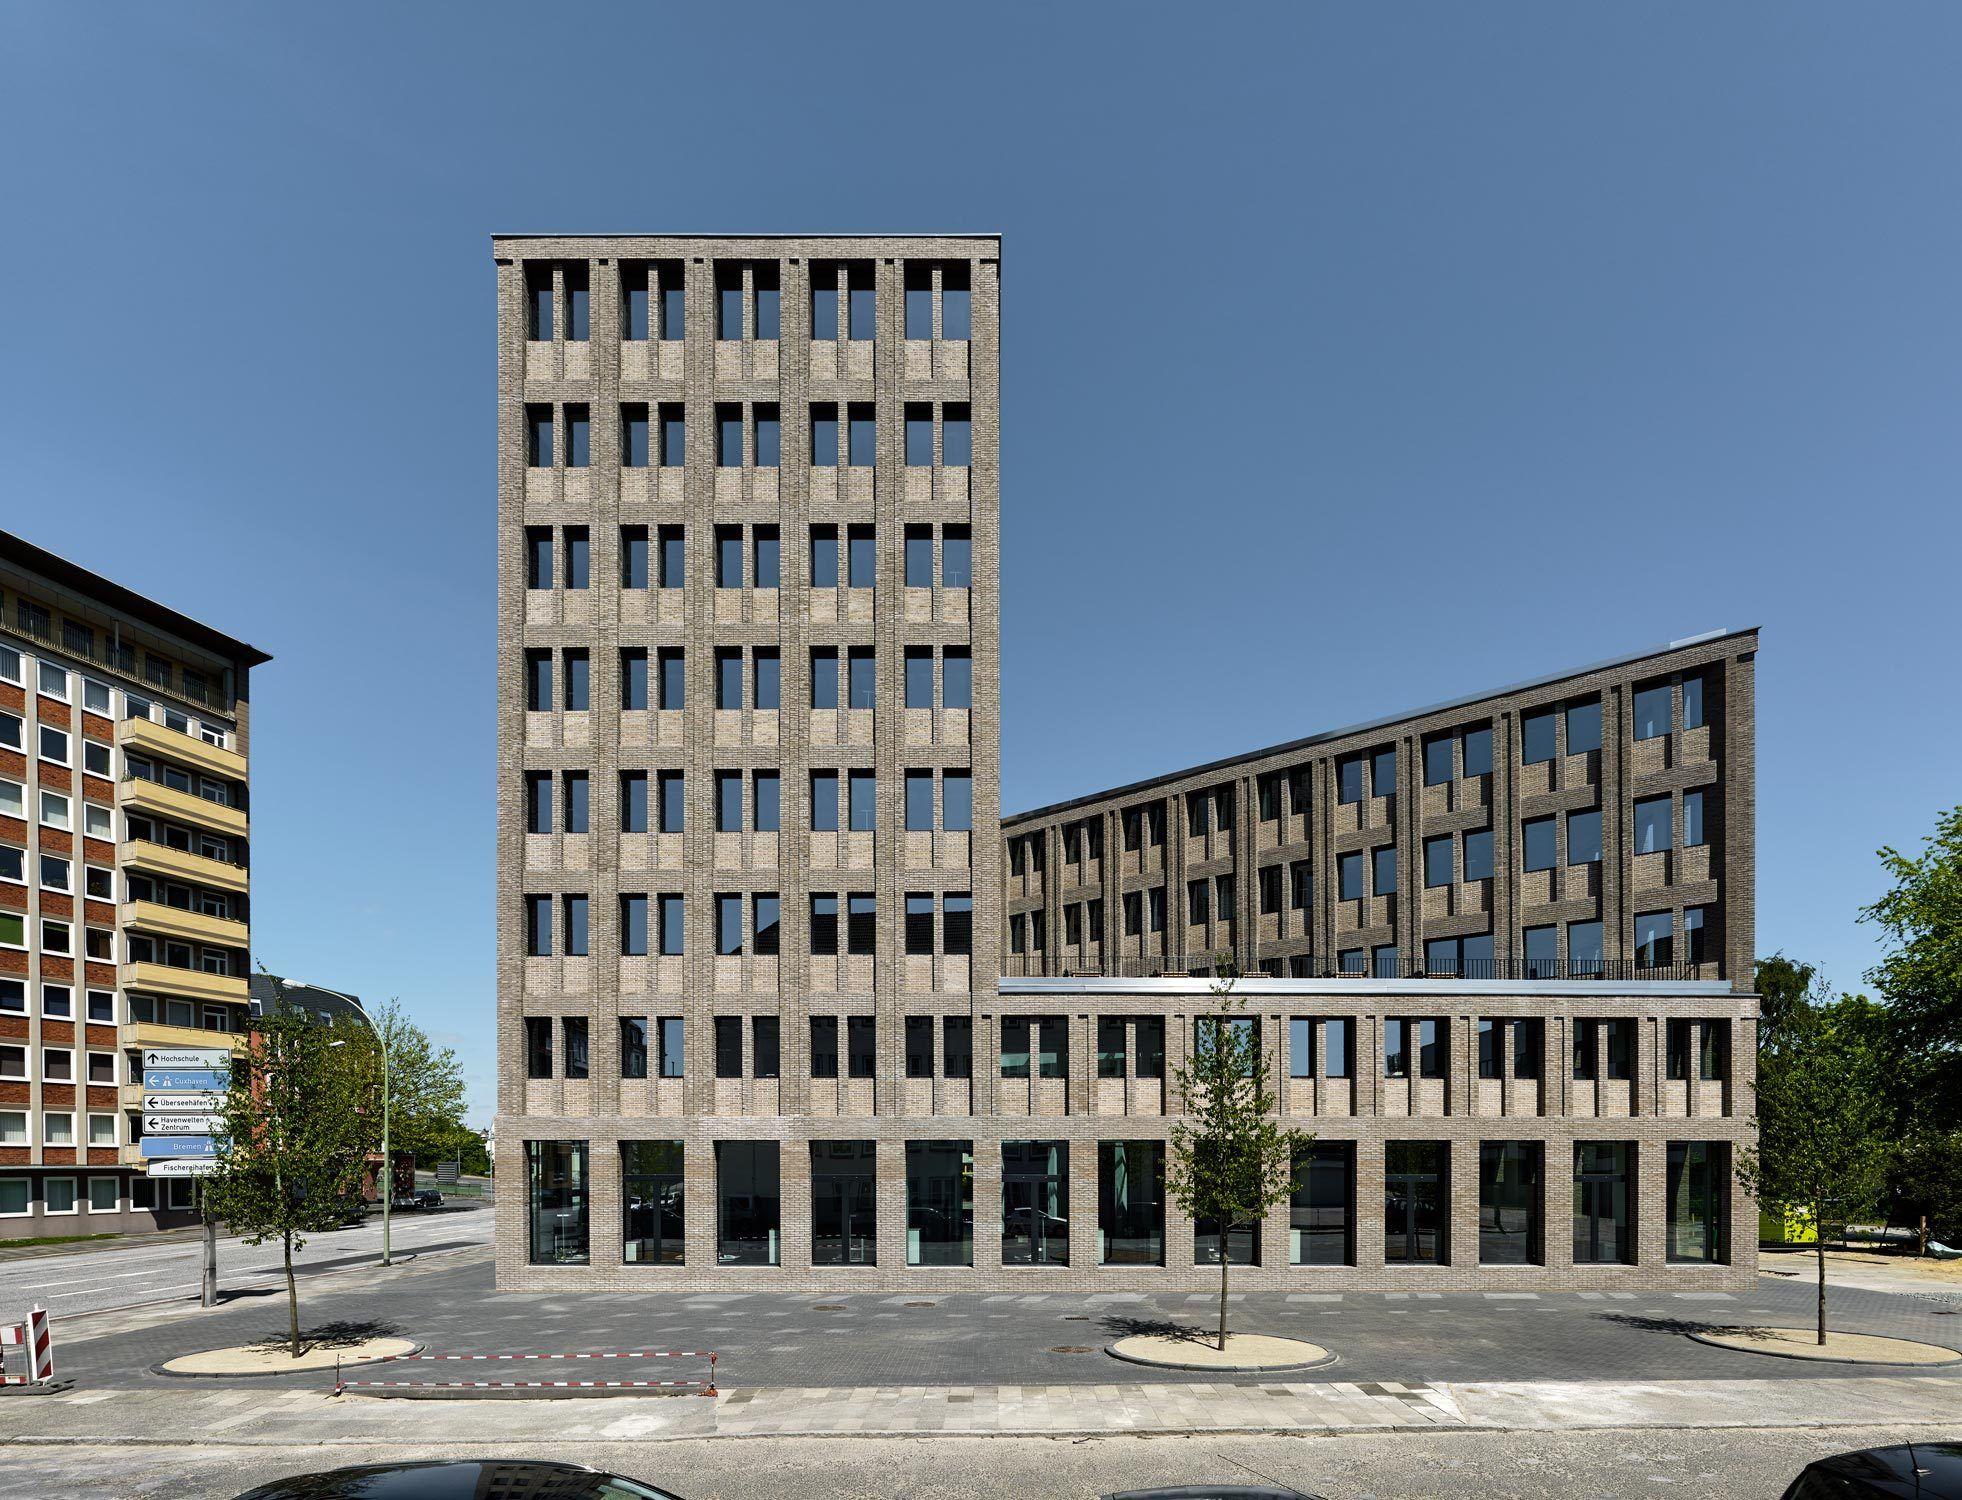 Tr ger backstein ber max dudlers aok neubau in bremerhaven bremerhaven neubau und architektur - Architektur bremerhaven ...